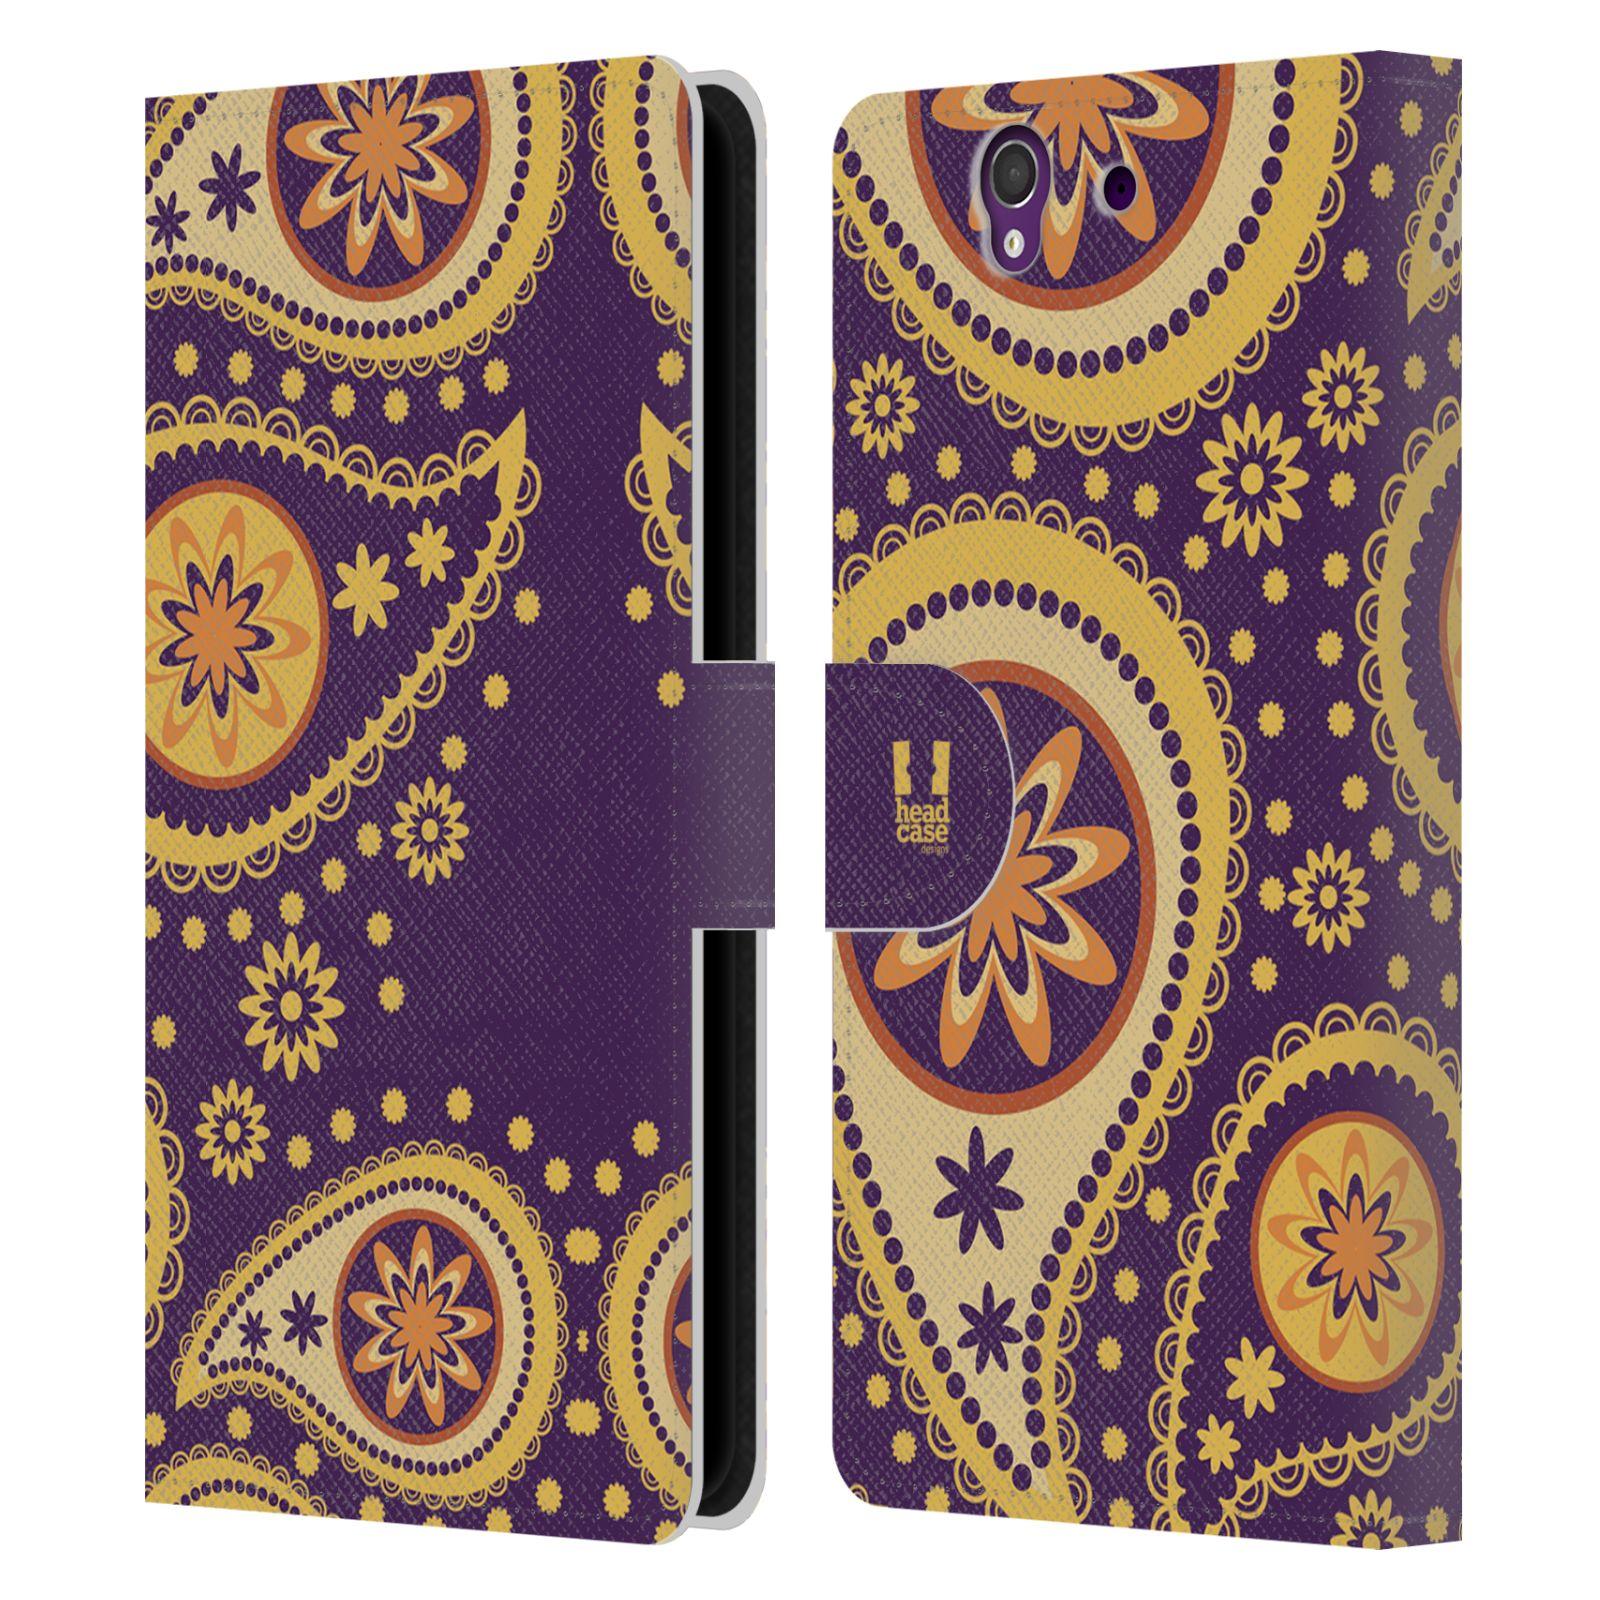 HEAD CASE Flipové pouzdro pro mobil SONY XPERIA Z (C6603) barevné slzy fialová